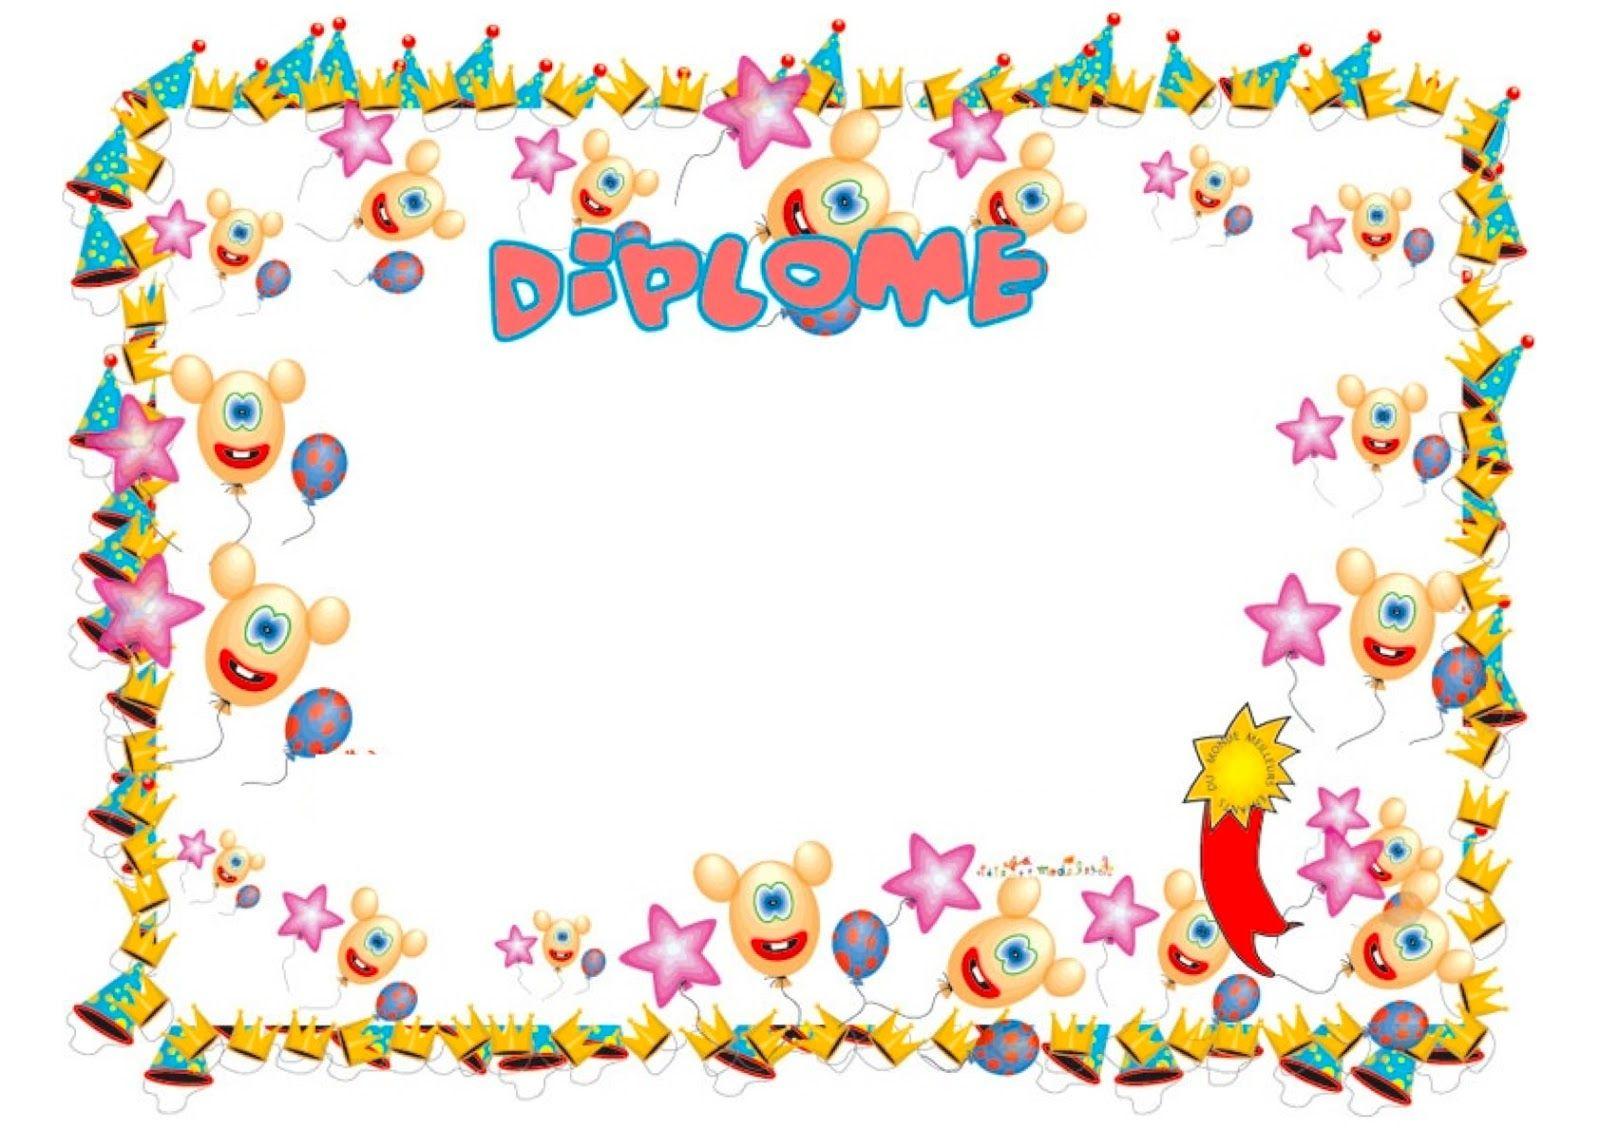 Diplomas De Preescolar Para Editar Gratis Diplomas Para Ninos Diplomas Infantiles Formatos De Diplomas Modelos de diplomas para editar